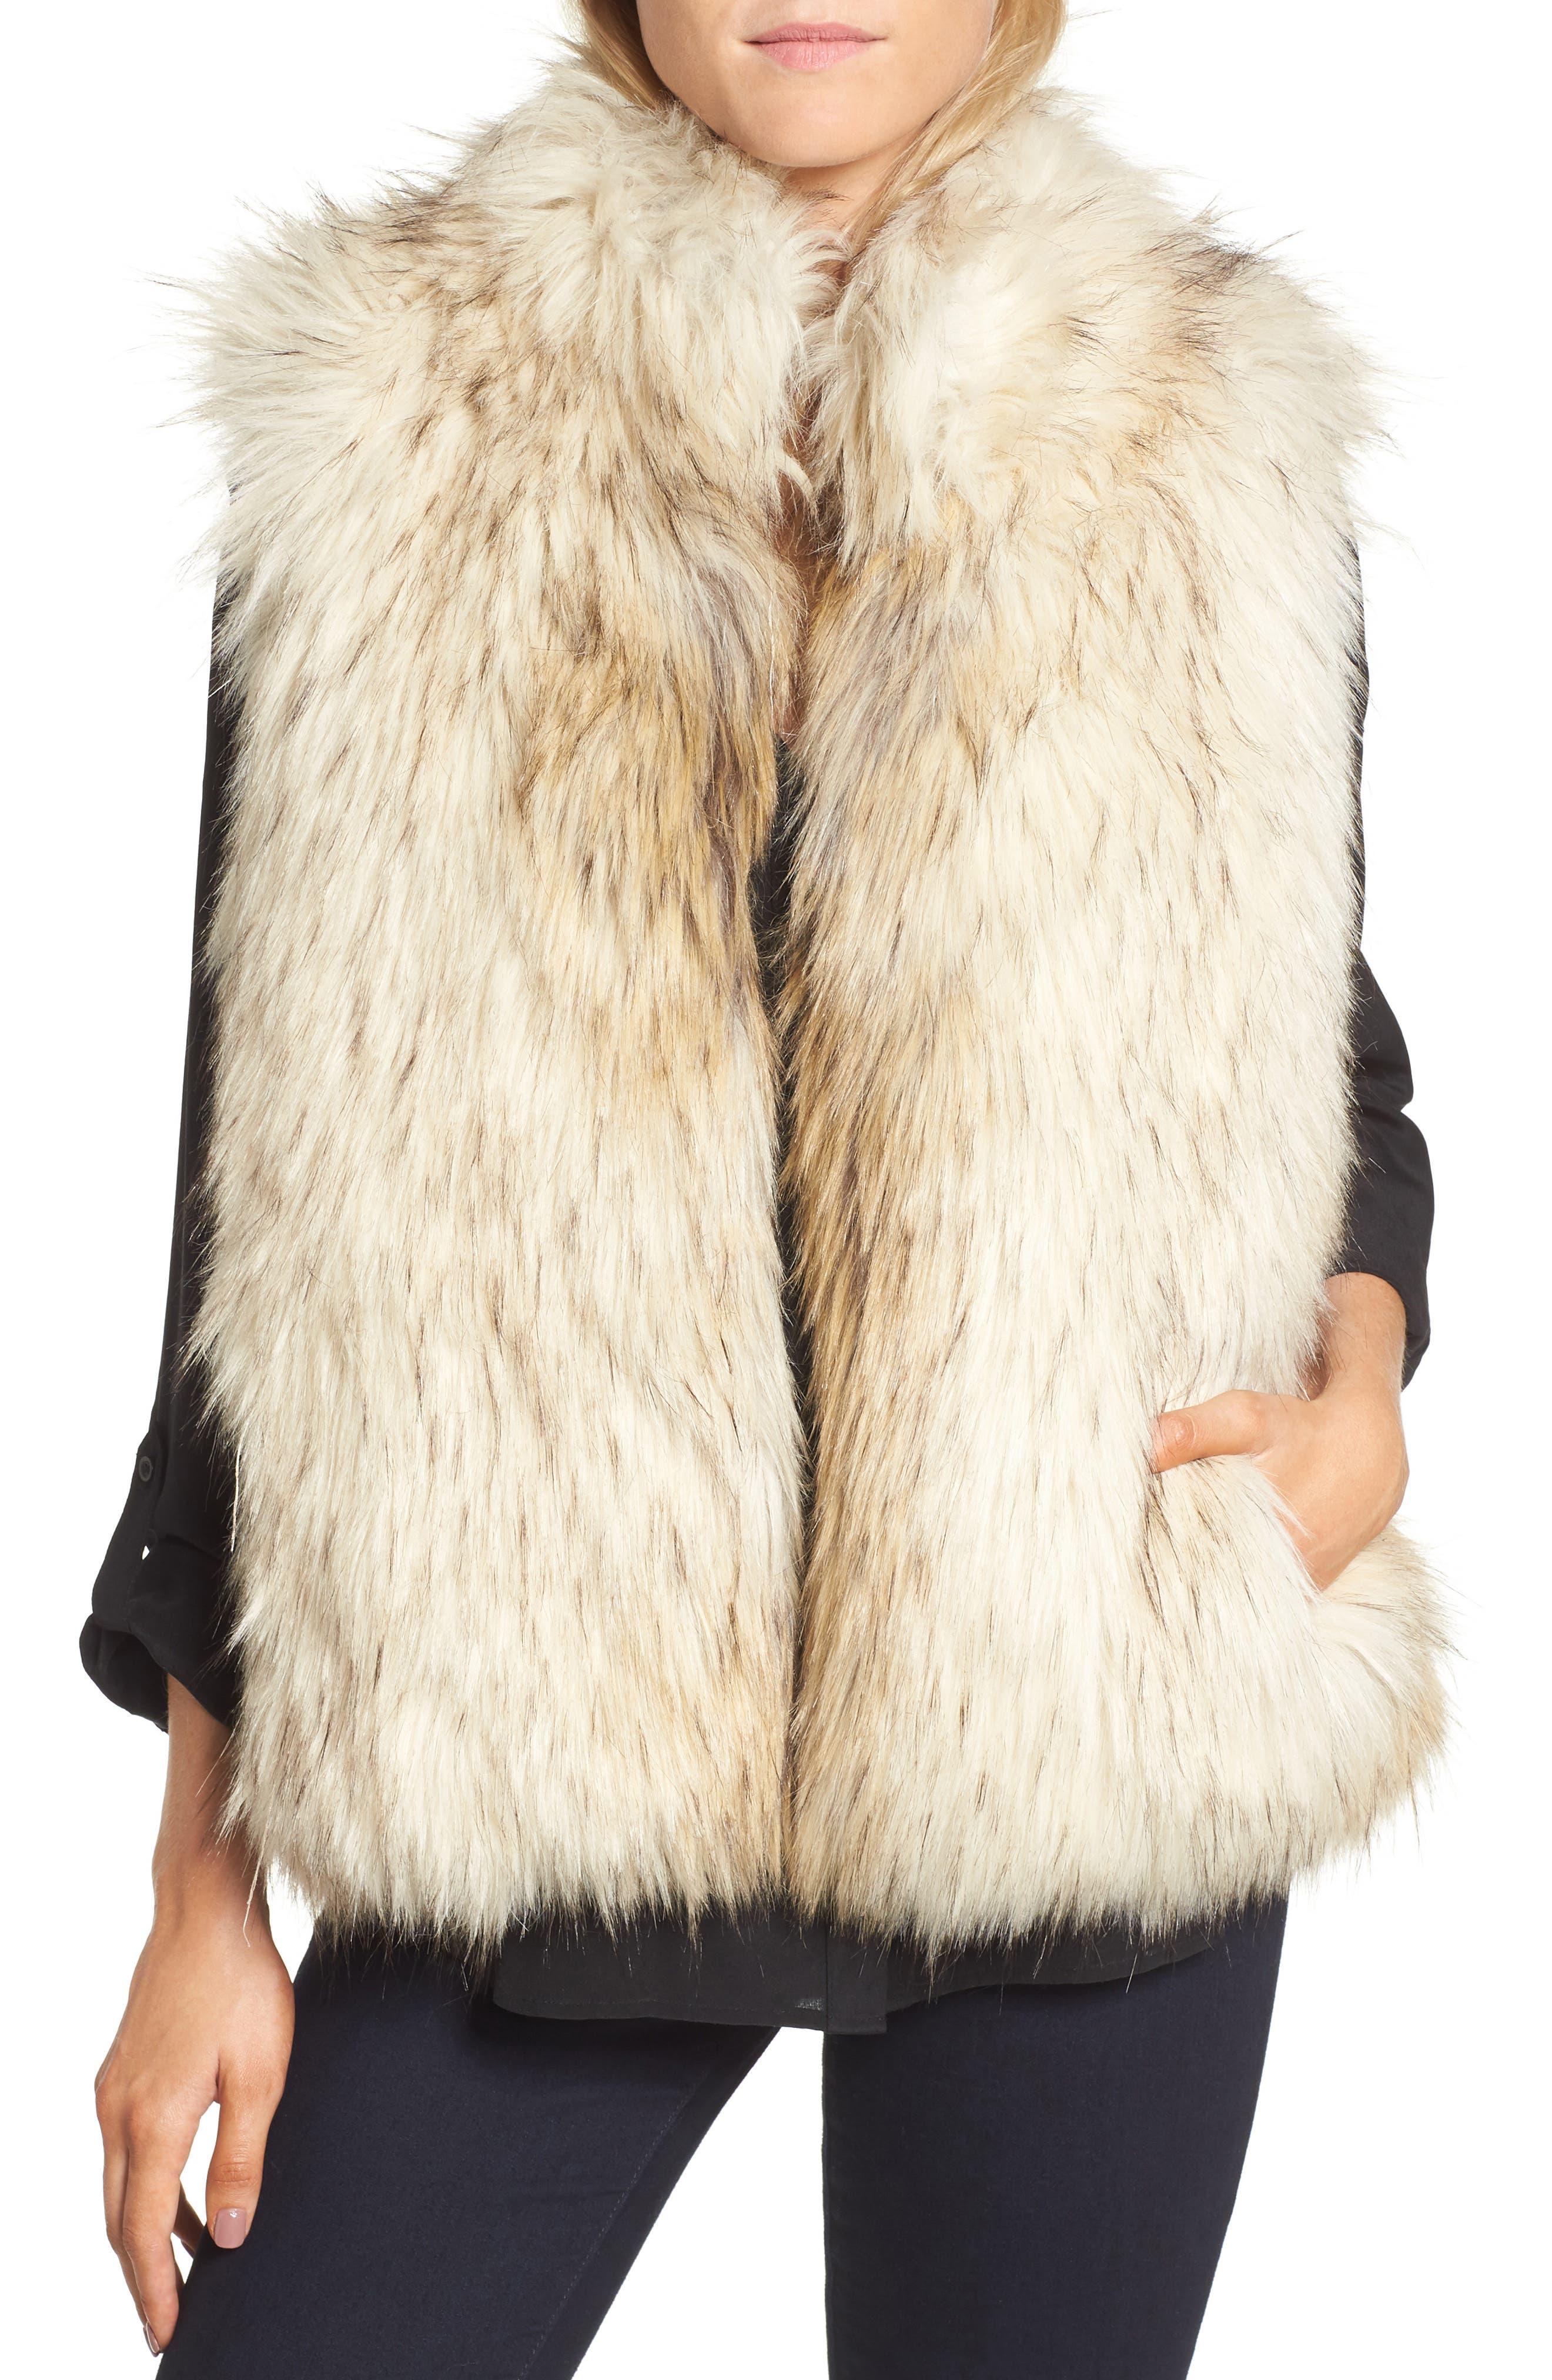 Elvan Open Front Faux Fur Vest,                             Main thumbnail 1, color,                             152